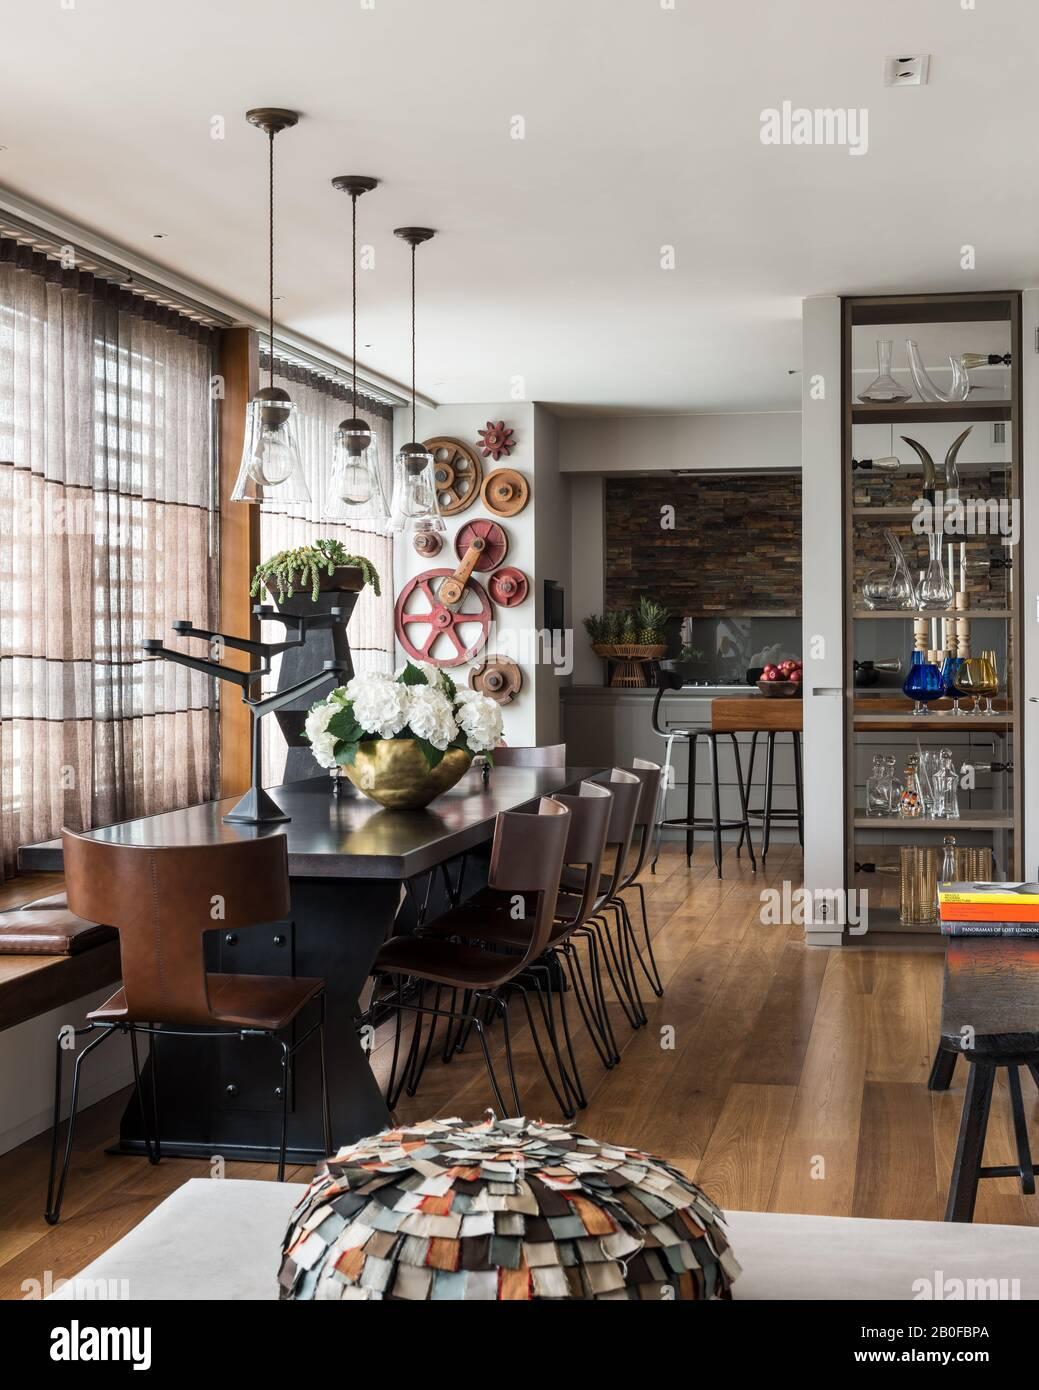 Luminaires suspendus en verre au-dessus de la table à manger De L'Arxe avec hydracea dans un vase en cuivre Banque D'Images